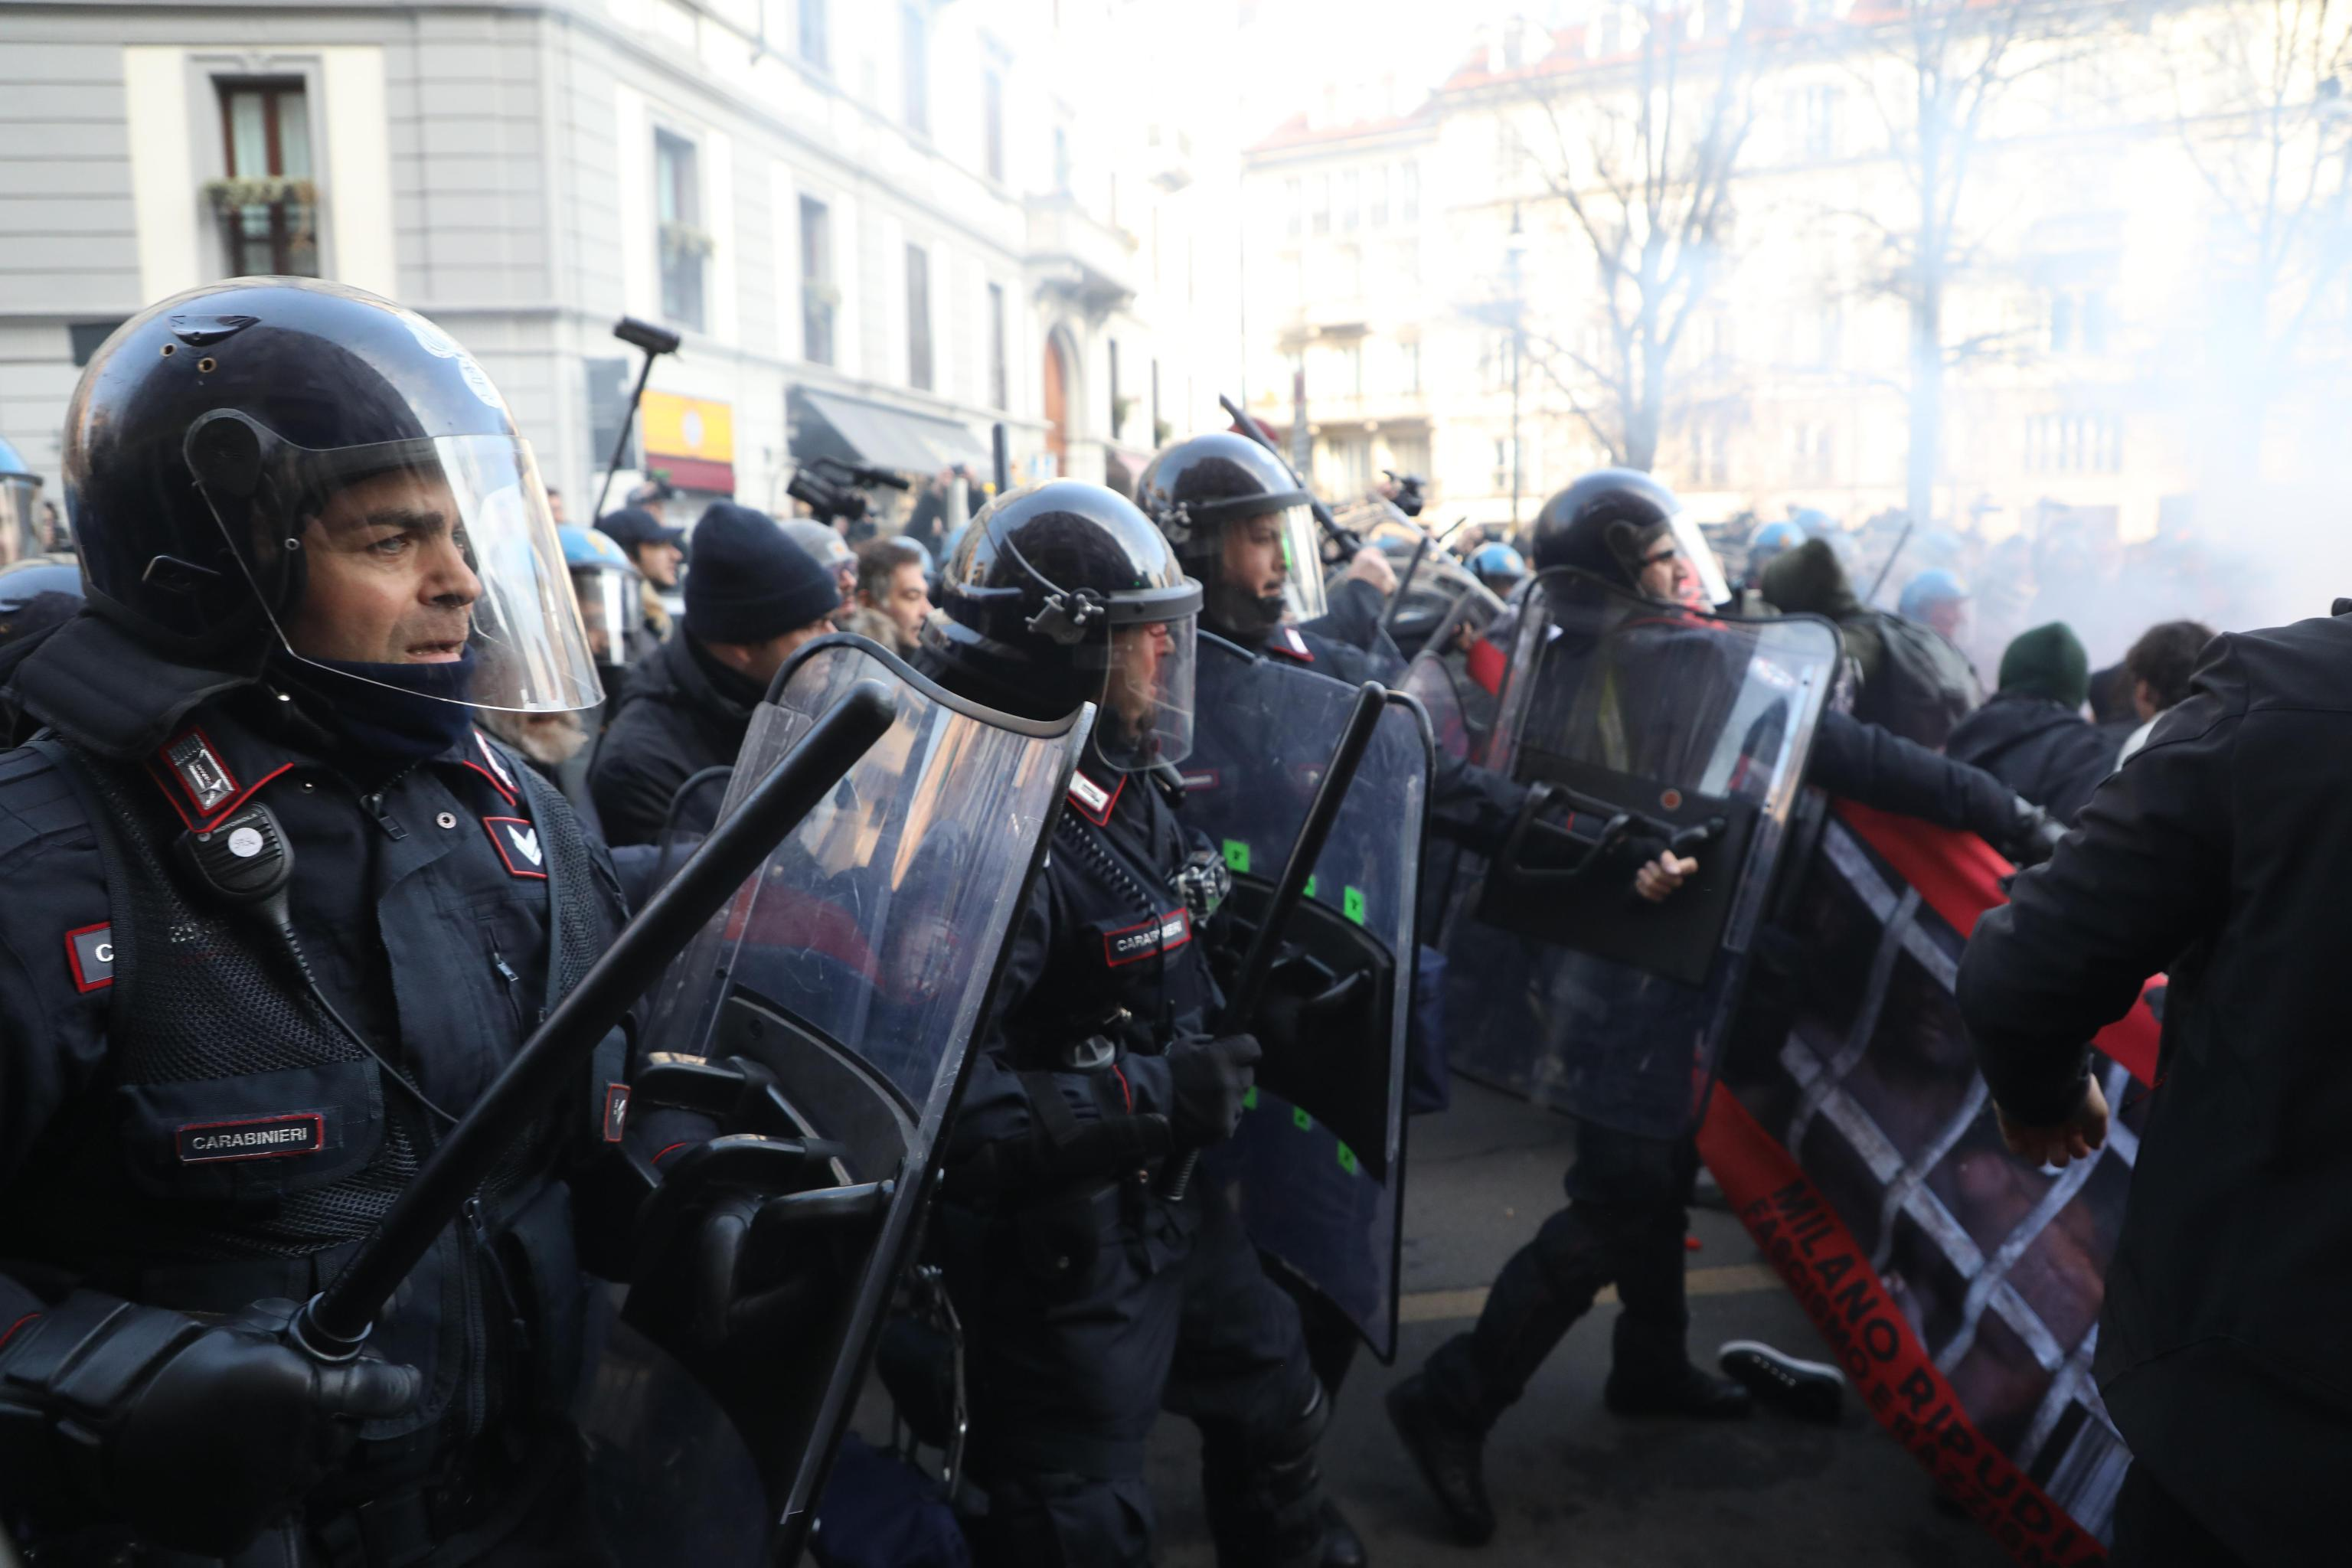 Milano, scontri tra antagonisti e forze dell ordine